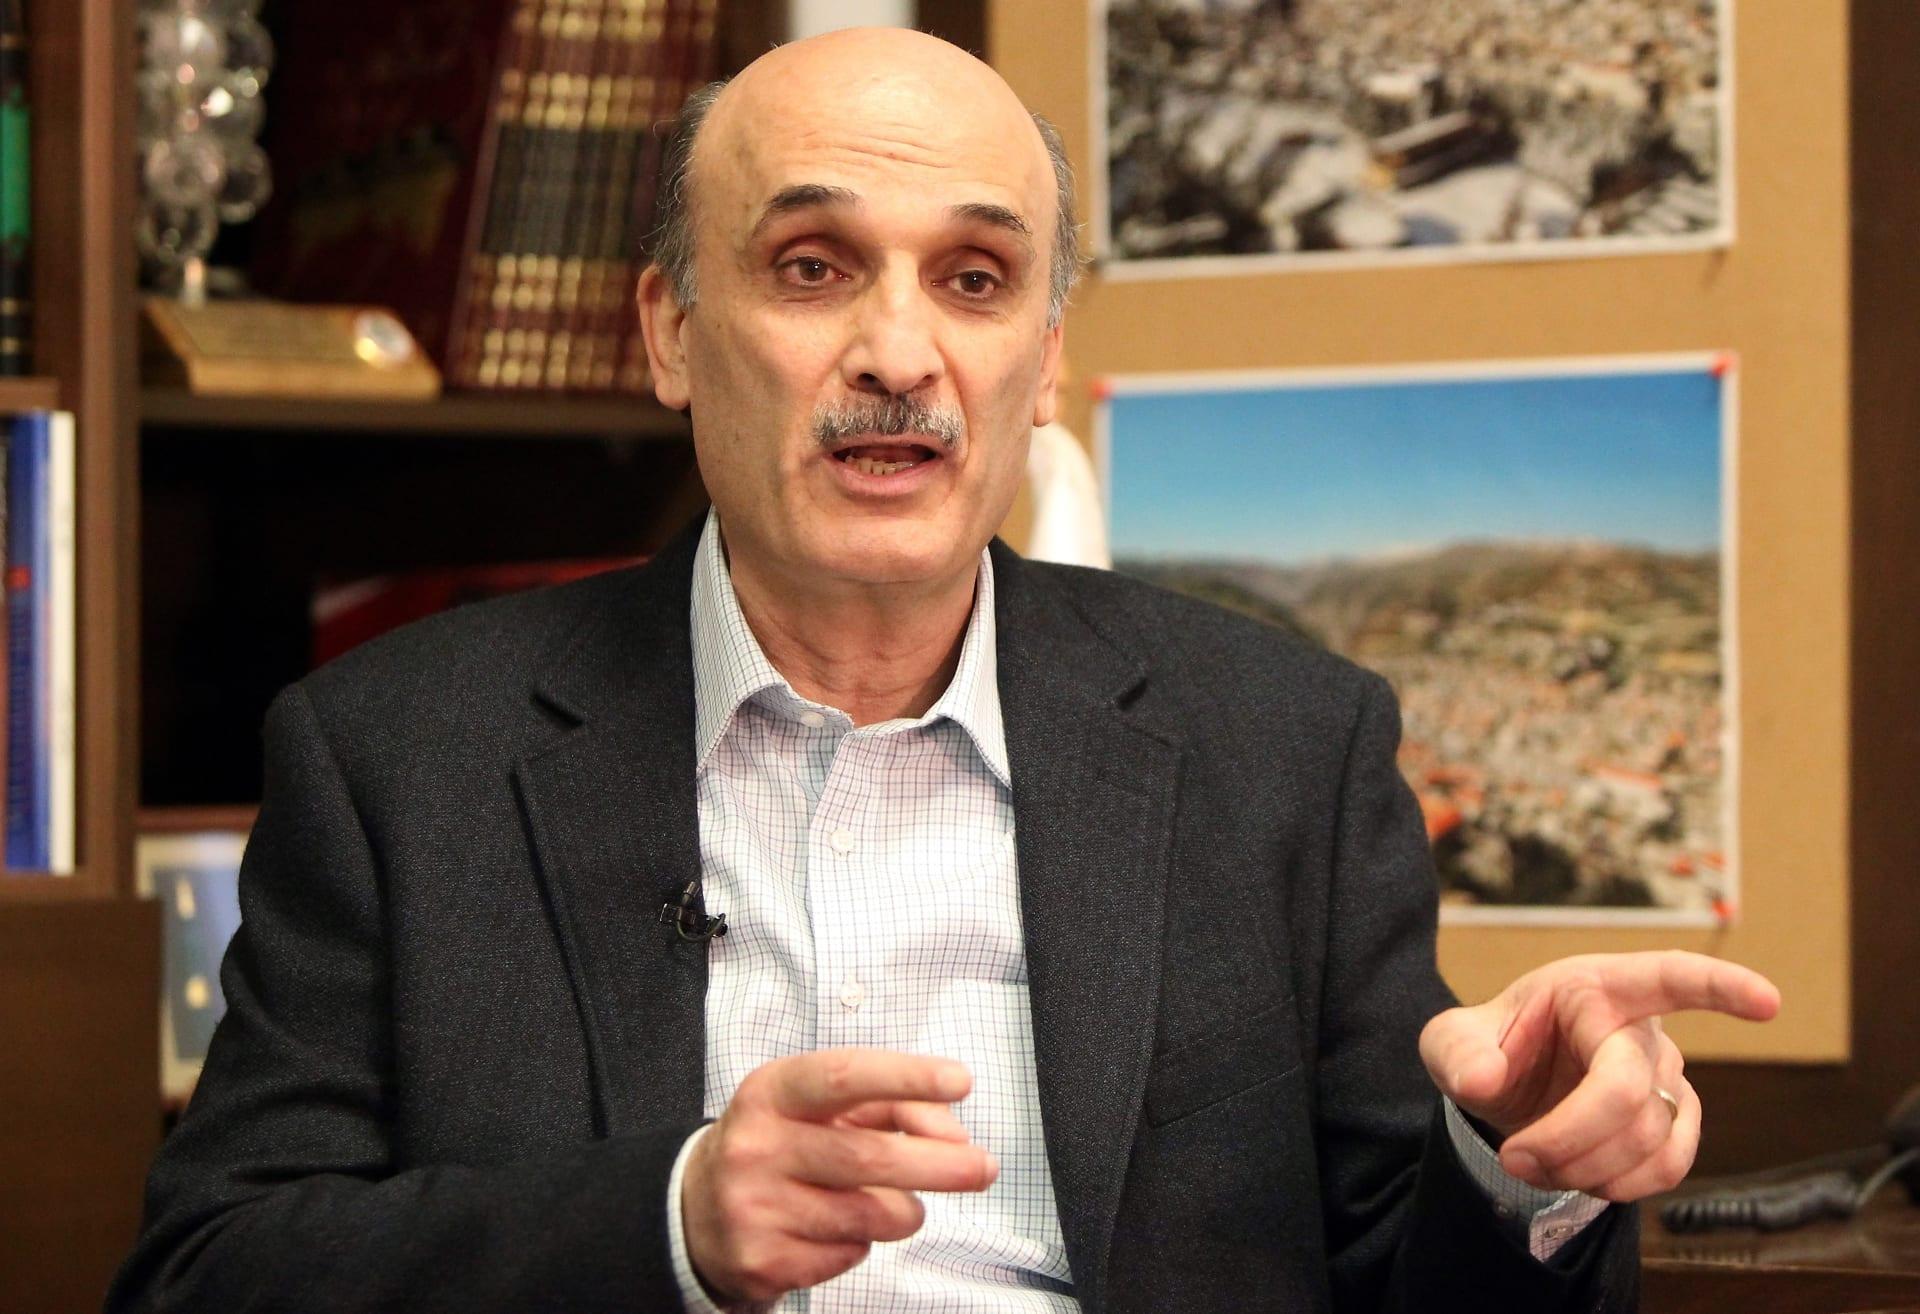 جعجع: الحراك في لبنان عفوي وصادق.. ويجب تشكيل حكومة إنقاذ مستقلة